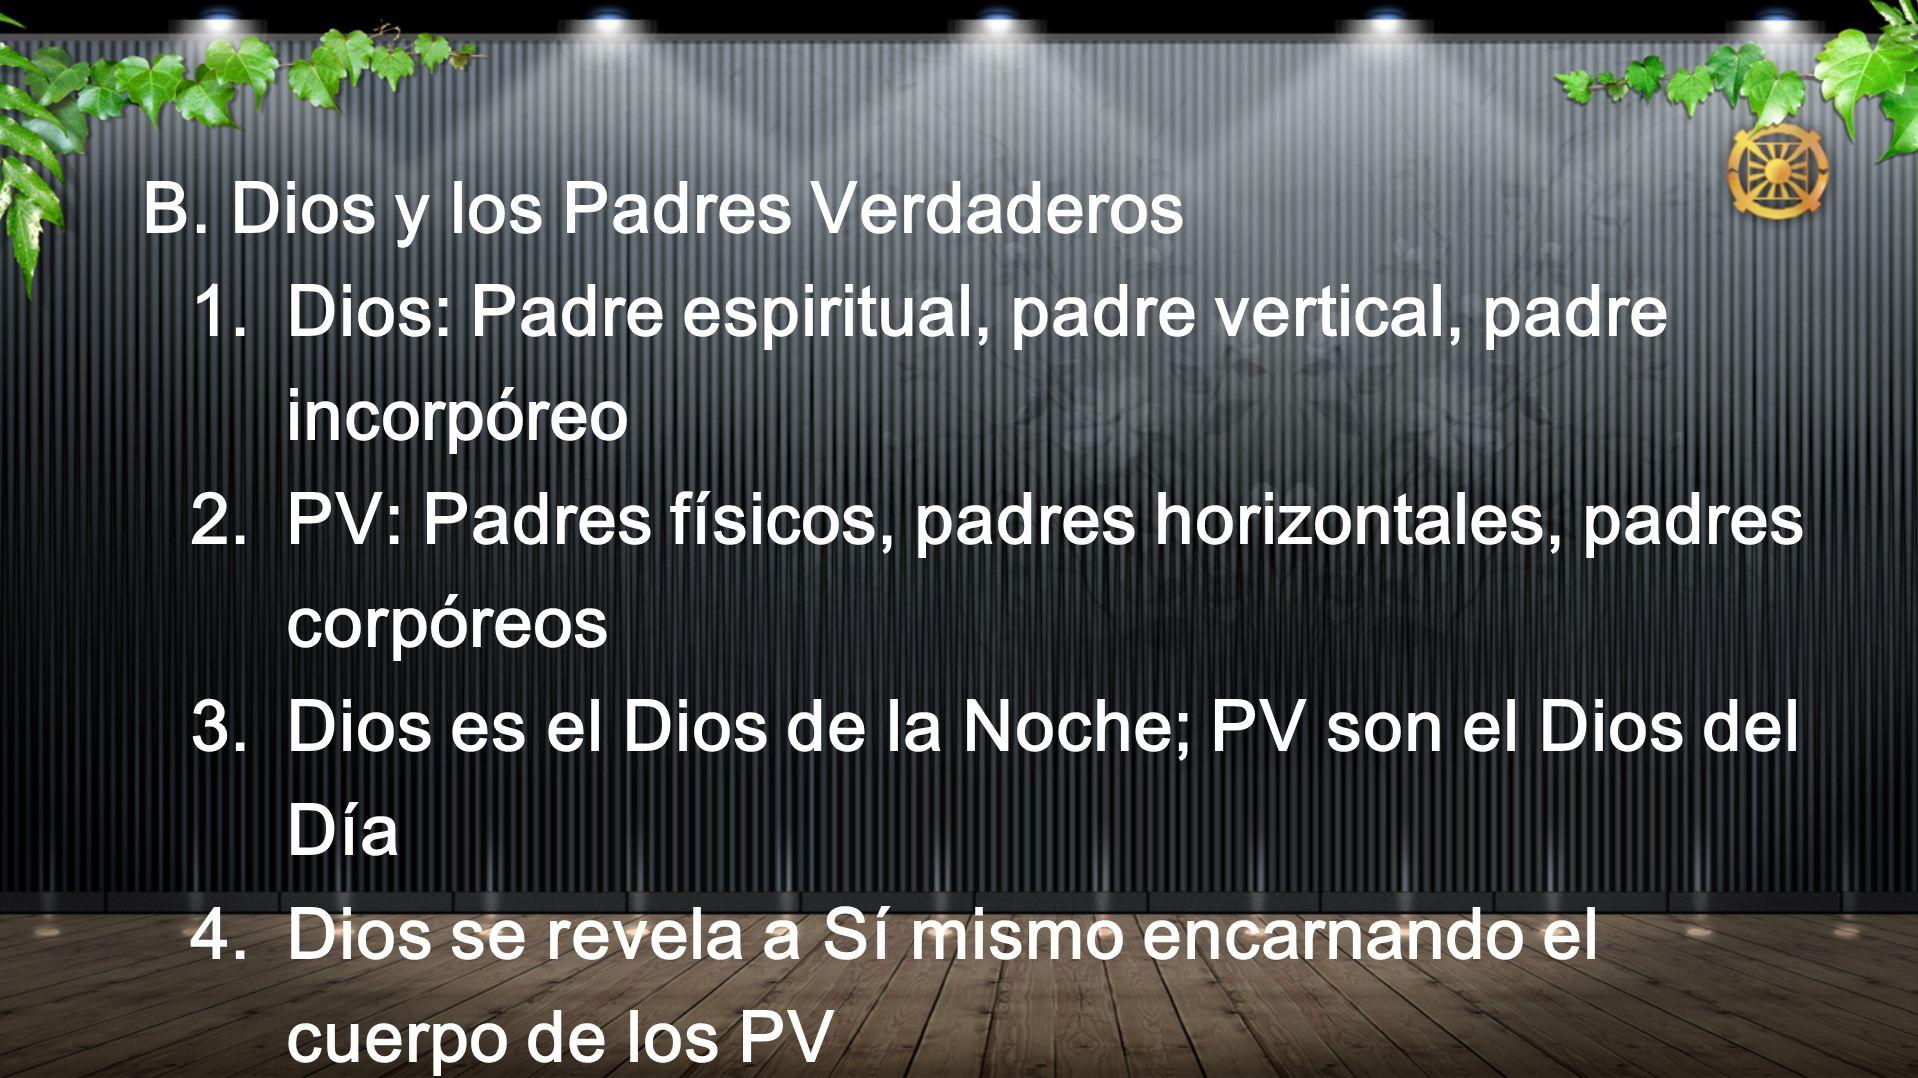 B. Dios y los Padres Verdaderos